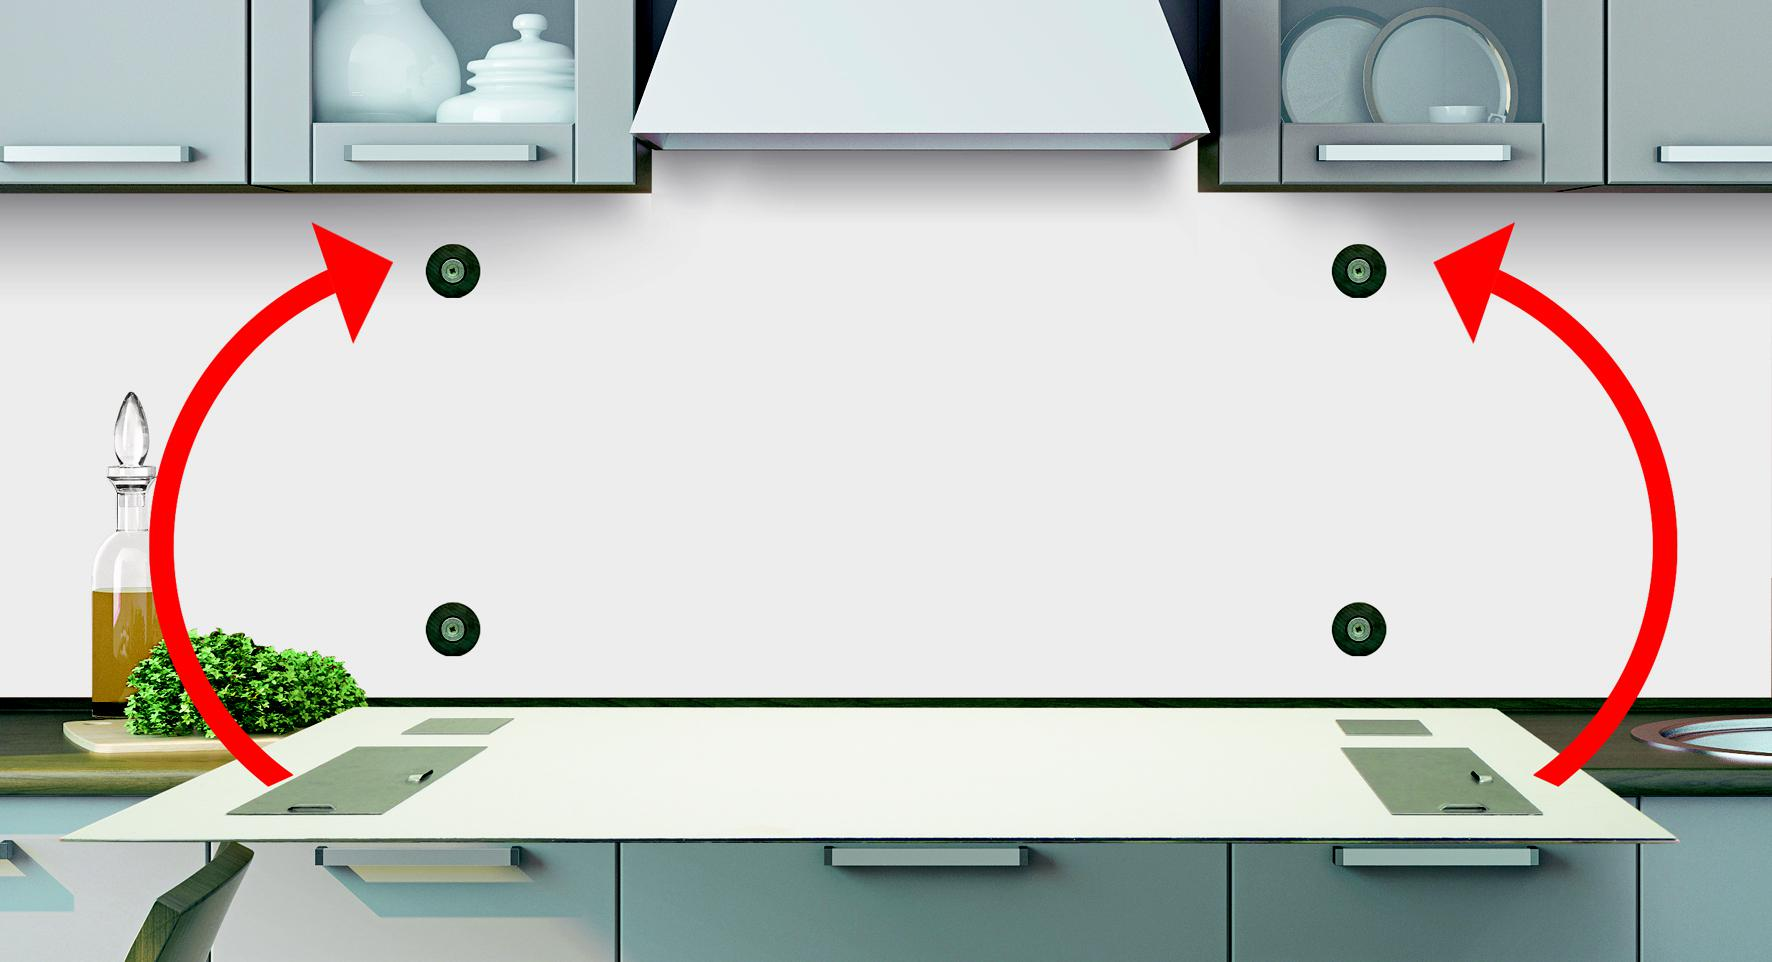 Full Size of Rückwand Küche Anleitung Fachgerechte Befestigung Kchenrckwand Frag Mutti Salamander Schreinerküche Schwingtür Rosa Wandverkleidung Hochglanz Günstig Wohnzimmer Rückwand Küche